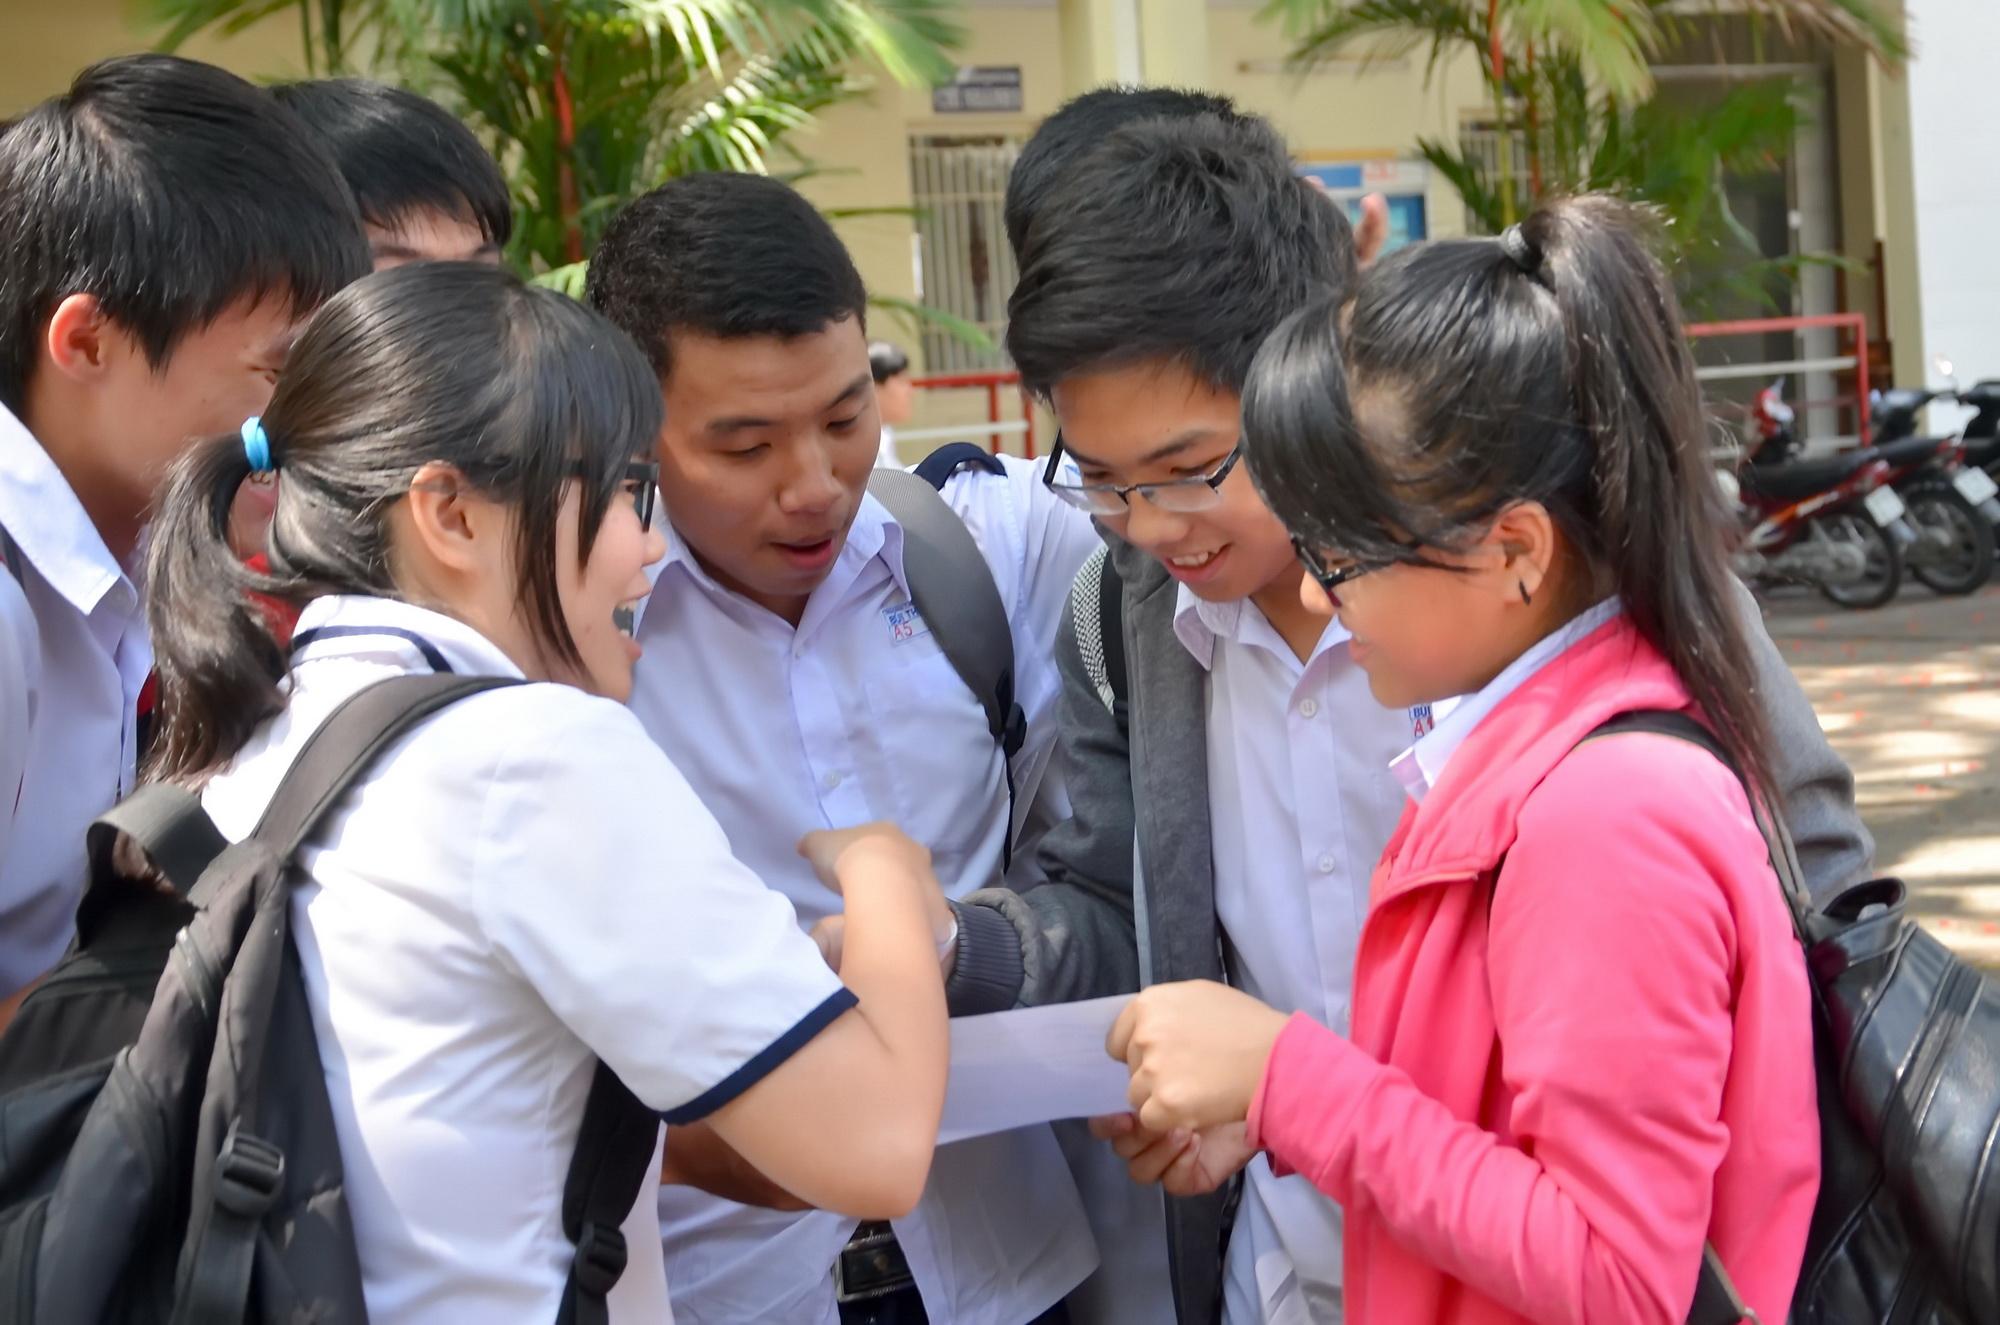 Thí sinh trao đổi sau buổi thi môn toán tại Hội đồng thi Trường THPT Bùi Thị Xuân, TP HCM. Ảnh: T. Thạnh